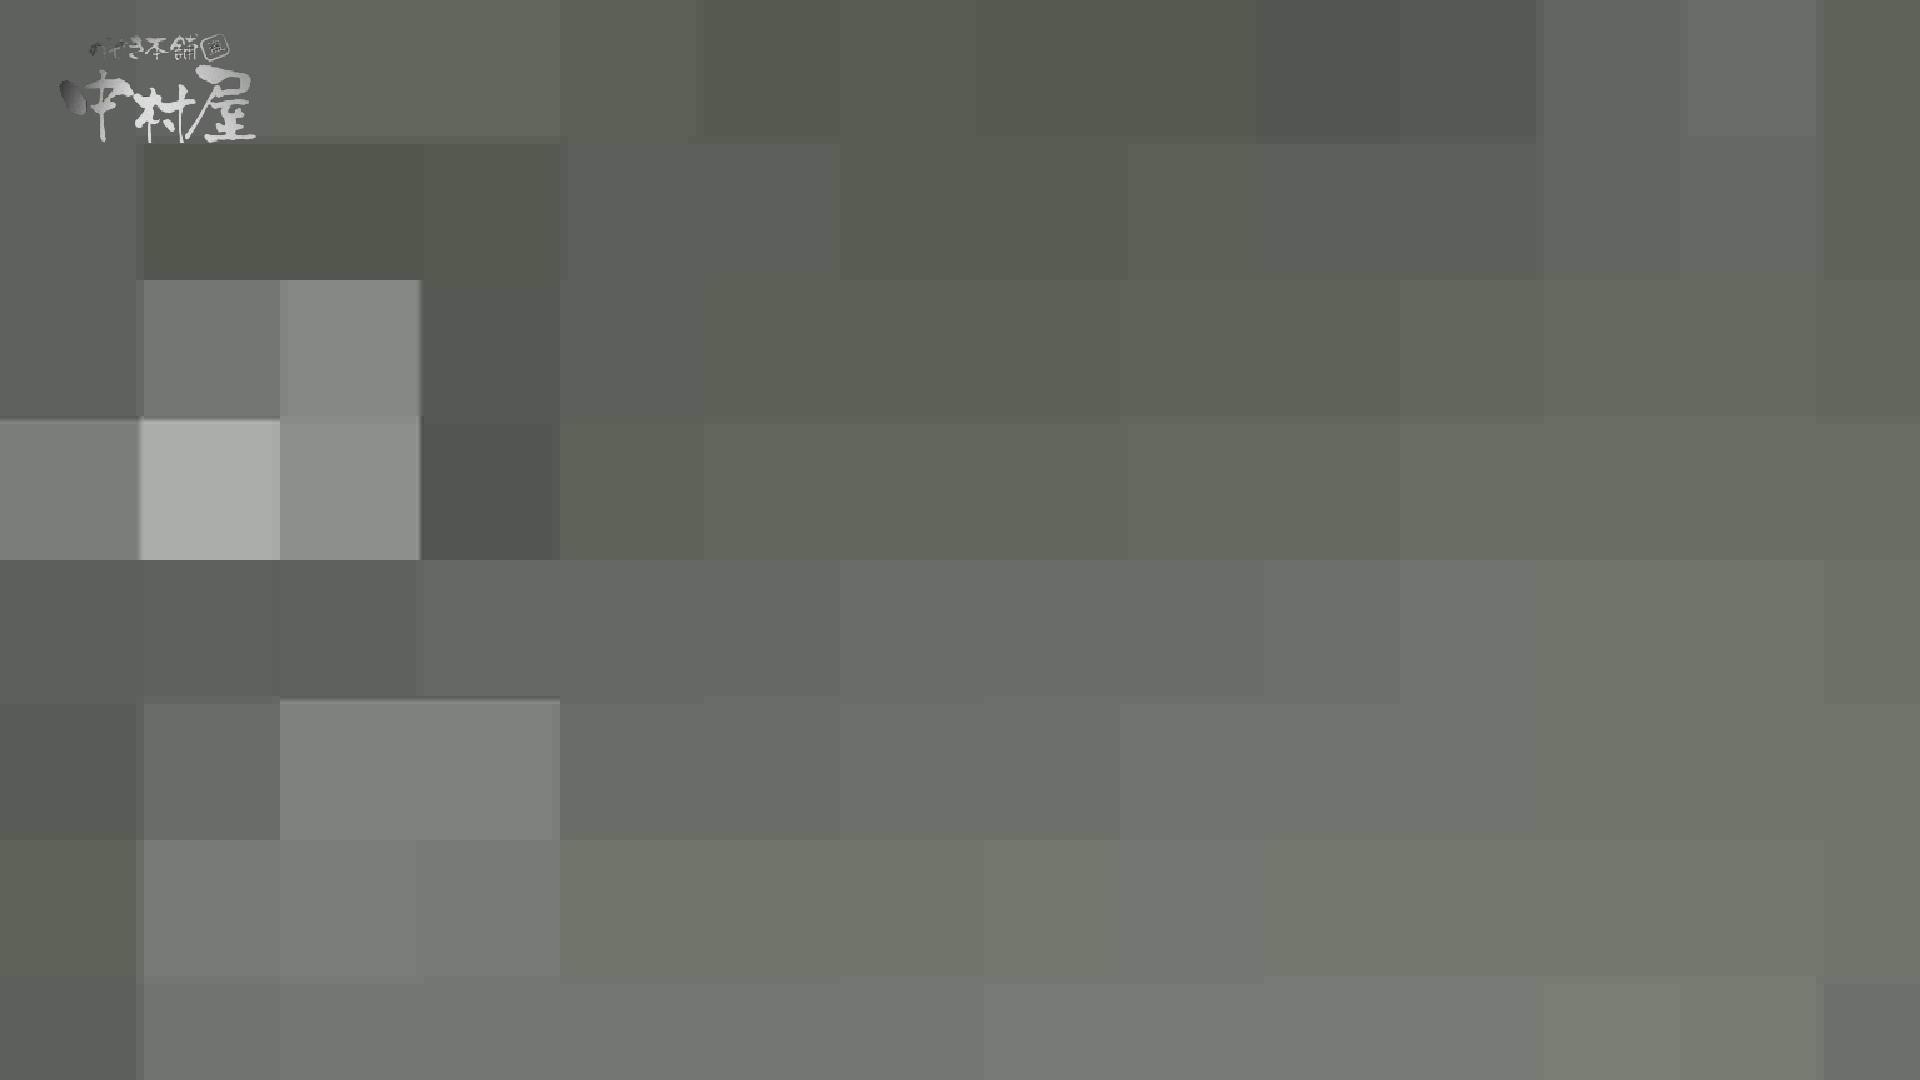 洗面所突入レポート!!vol.26 美女エロ画像 おめこ無修正画像 63PICs 25